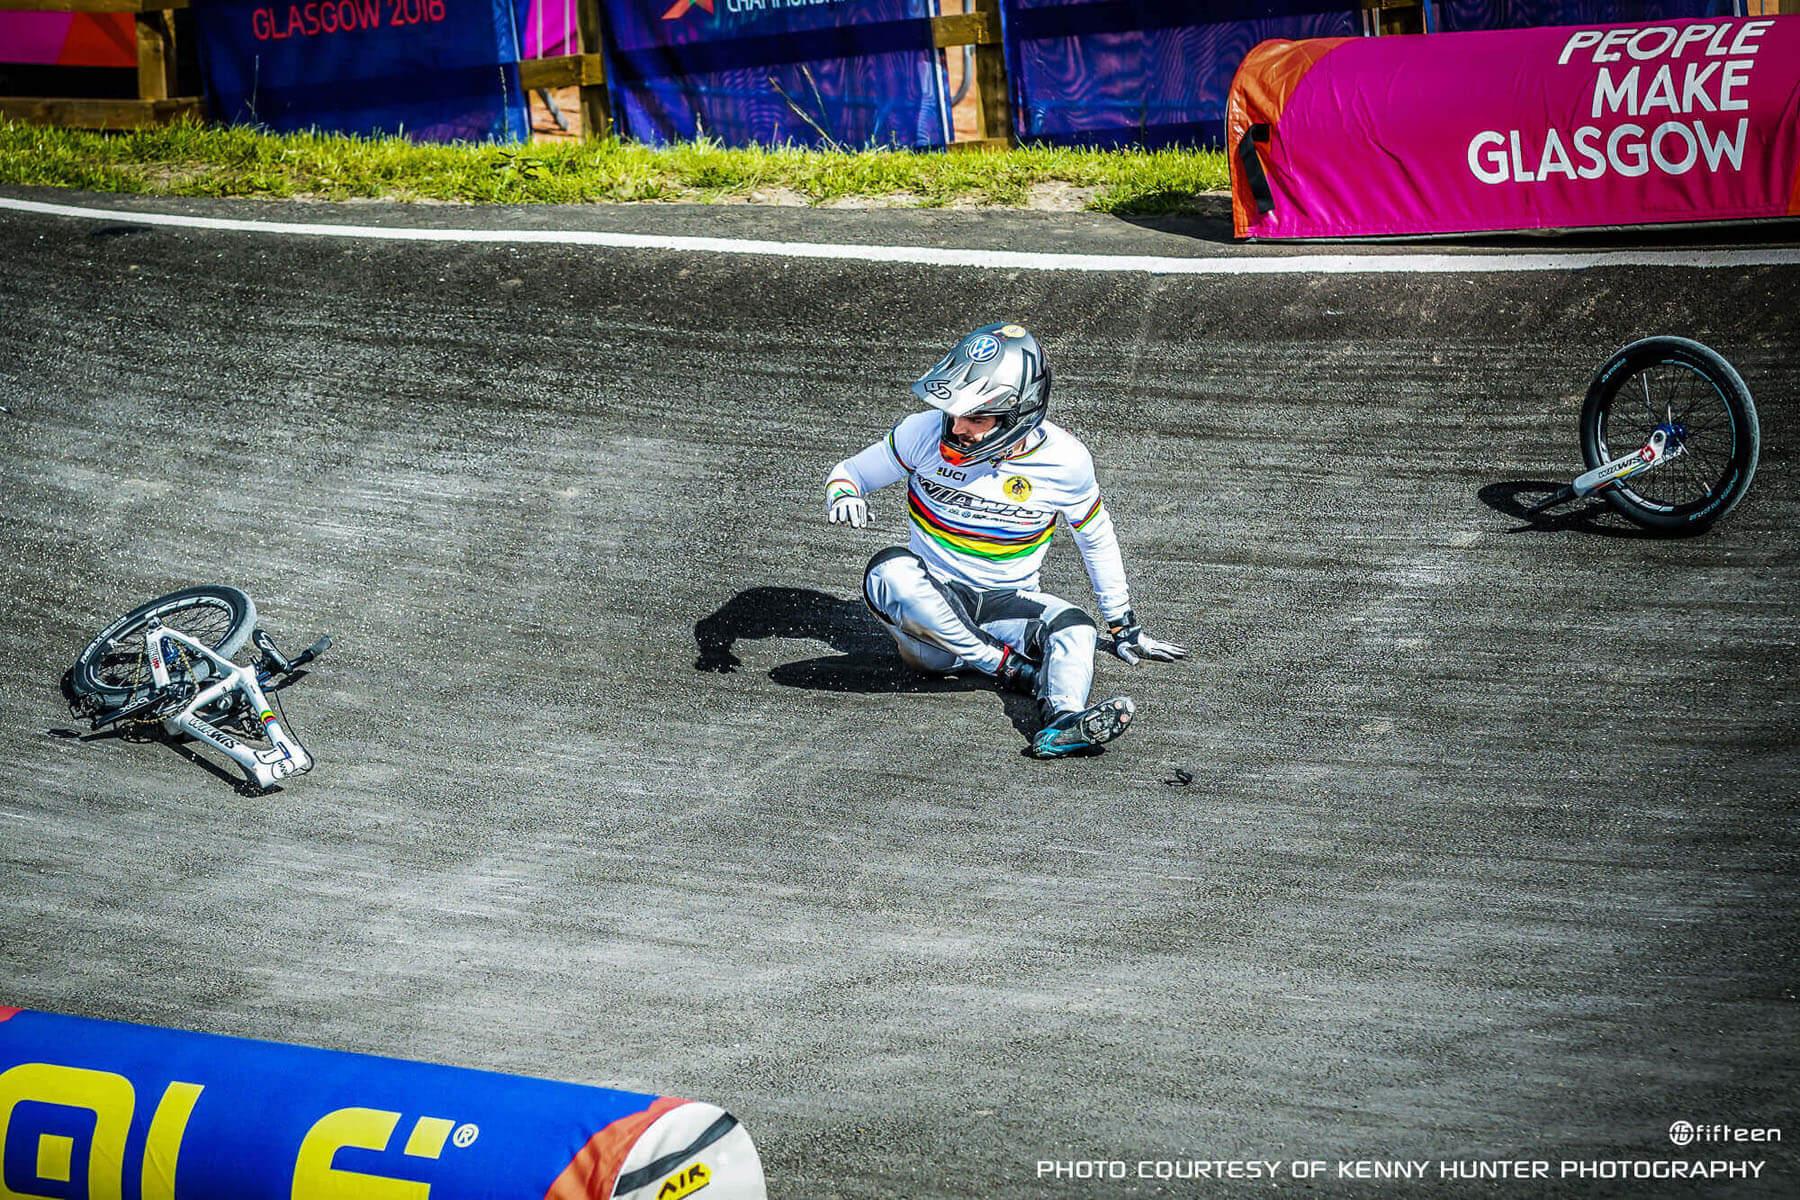 Sylvain Andre Glasgow Crash - Kenny Hunter